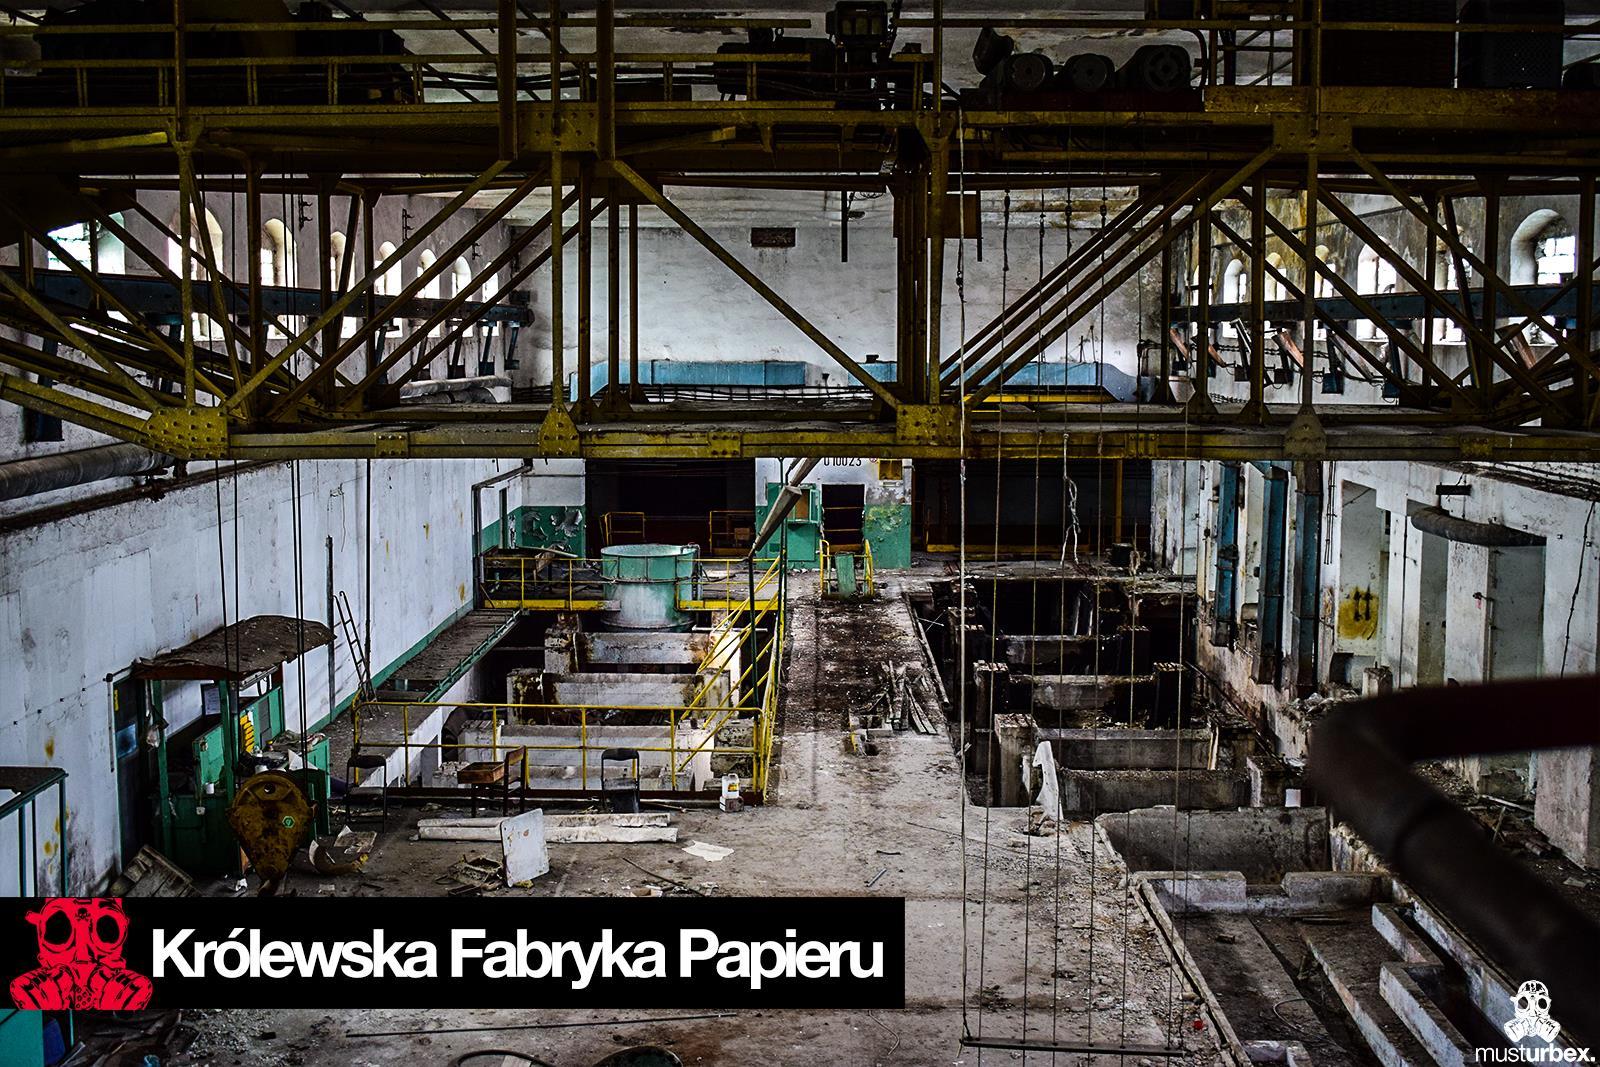 URBEX Królewska Fabryka Papieru MustUrbex Papiernia Konstancin Jeziorna hala fabryka produkcja papieru fabryka wielka hala hak łańcuchy